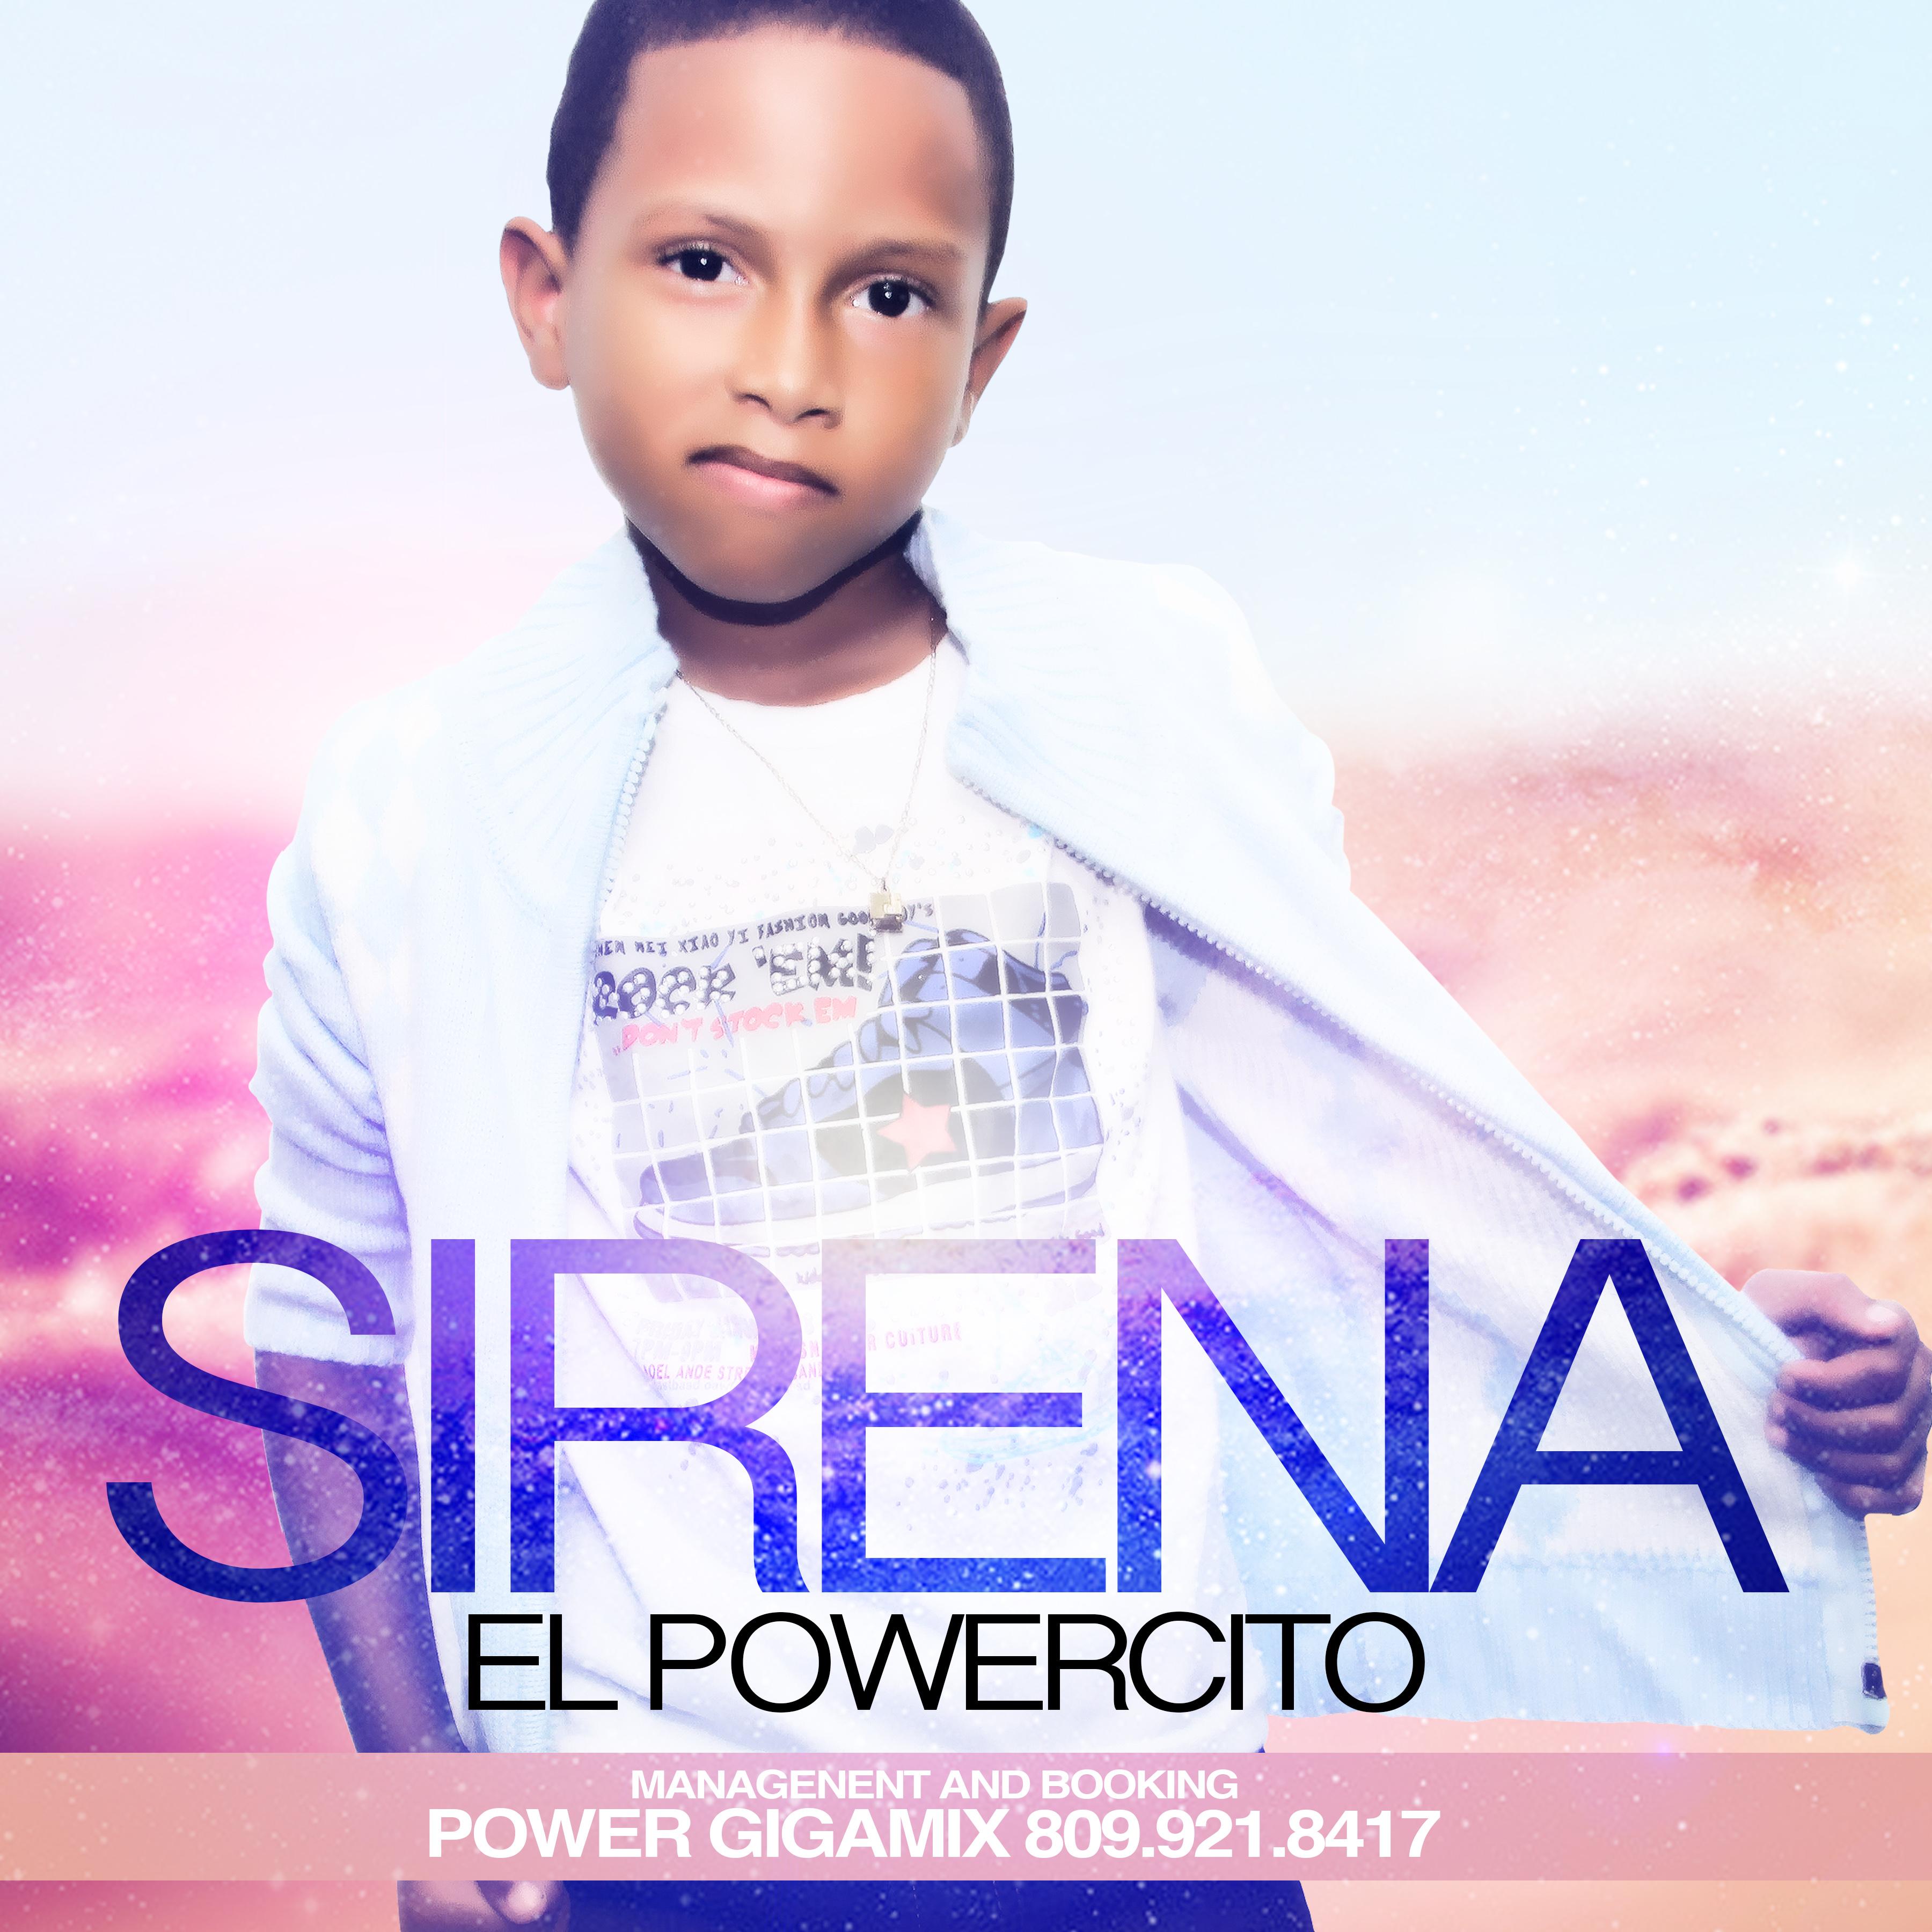 Nuevo Tema Romantico: El Powercito – Sirena